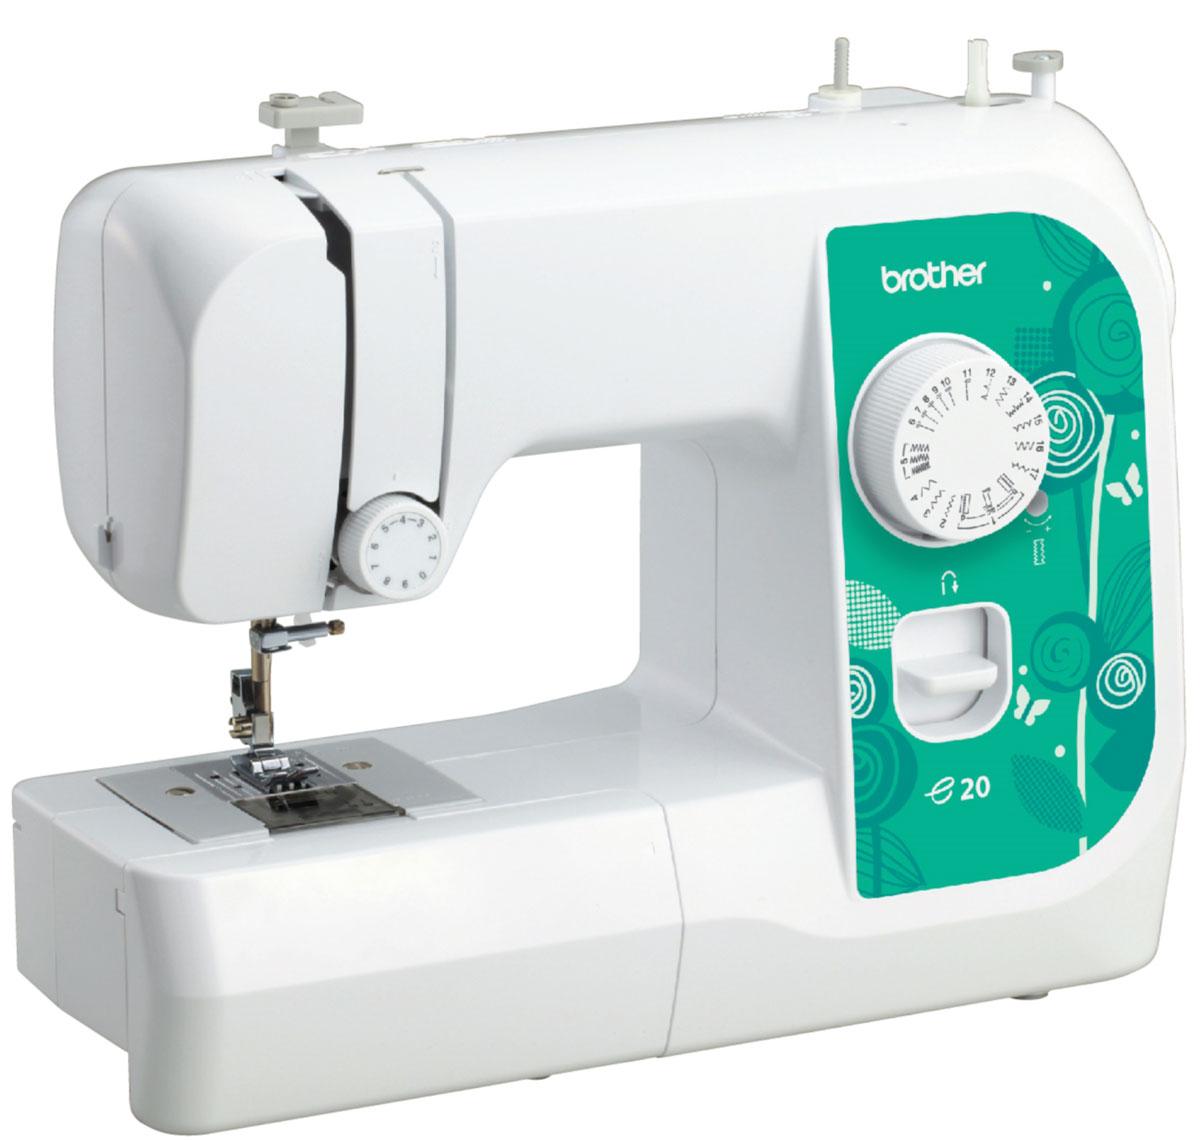 Brother e20 швейная машинаe20Машина Brother e20 идеально подходит для выполнения основных швейных операций при изготовлении и ремонте одежды. Небольшое количество строчек, в том числе для обработки края, возможность работы с различными материалам делают эту машинку привлекательной для начинающих. Горизонтальный челнок и 6-и сегментная рейка-транспортер обеспечивают качественное шитье различных видов ткани. Легкий и плавный ход педали позволяет точно регулировать скорость машины.